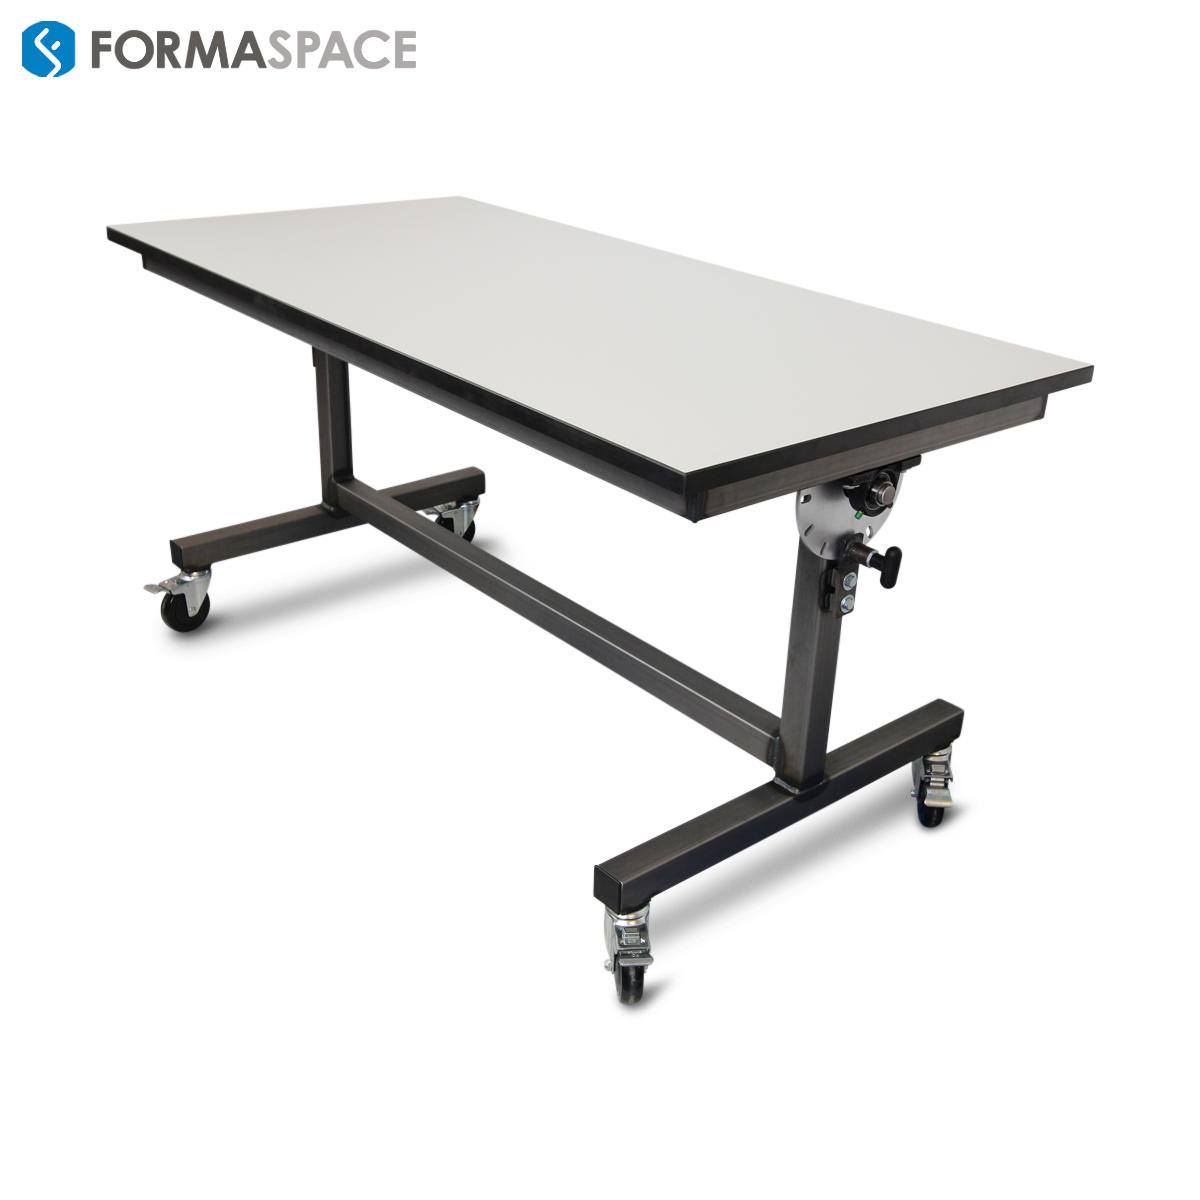 Workbench Gallery | Formaspace